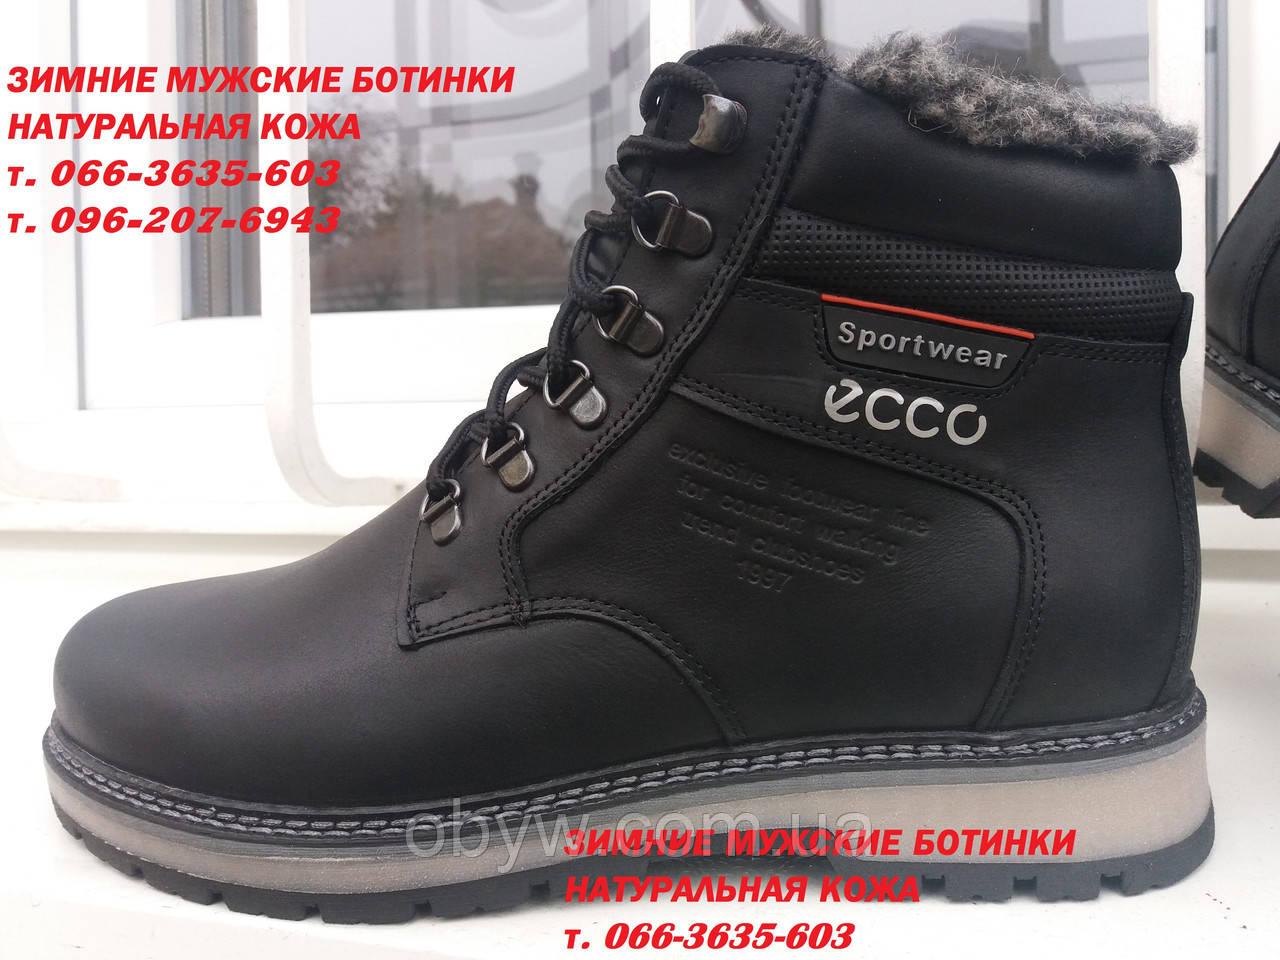 Кожаная зимняя обувь Ecco - ОБУВЬ КУРТКИ В НАЛИЧИИ И ЦЕНЫ АКТУАЛЬНЫ в Днепре abbbbe0f89a